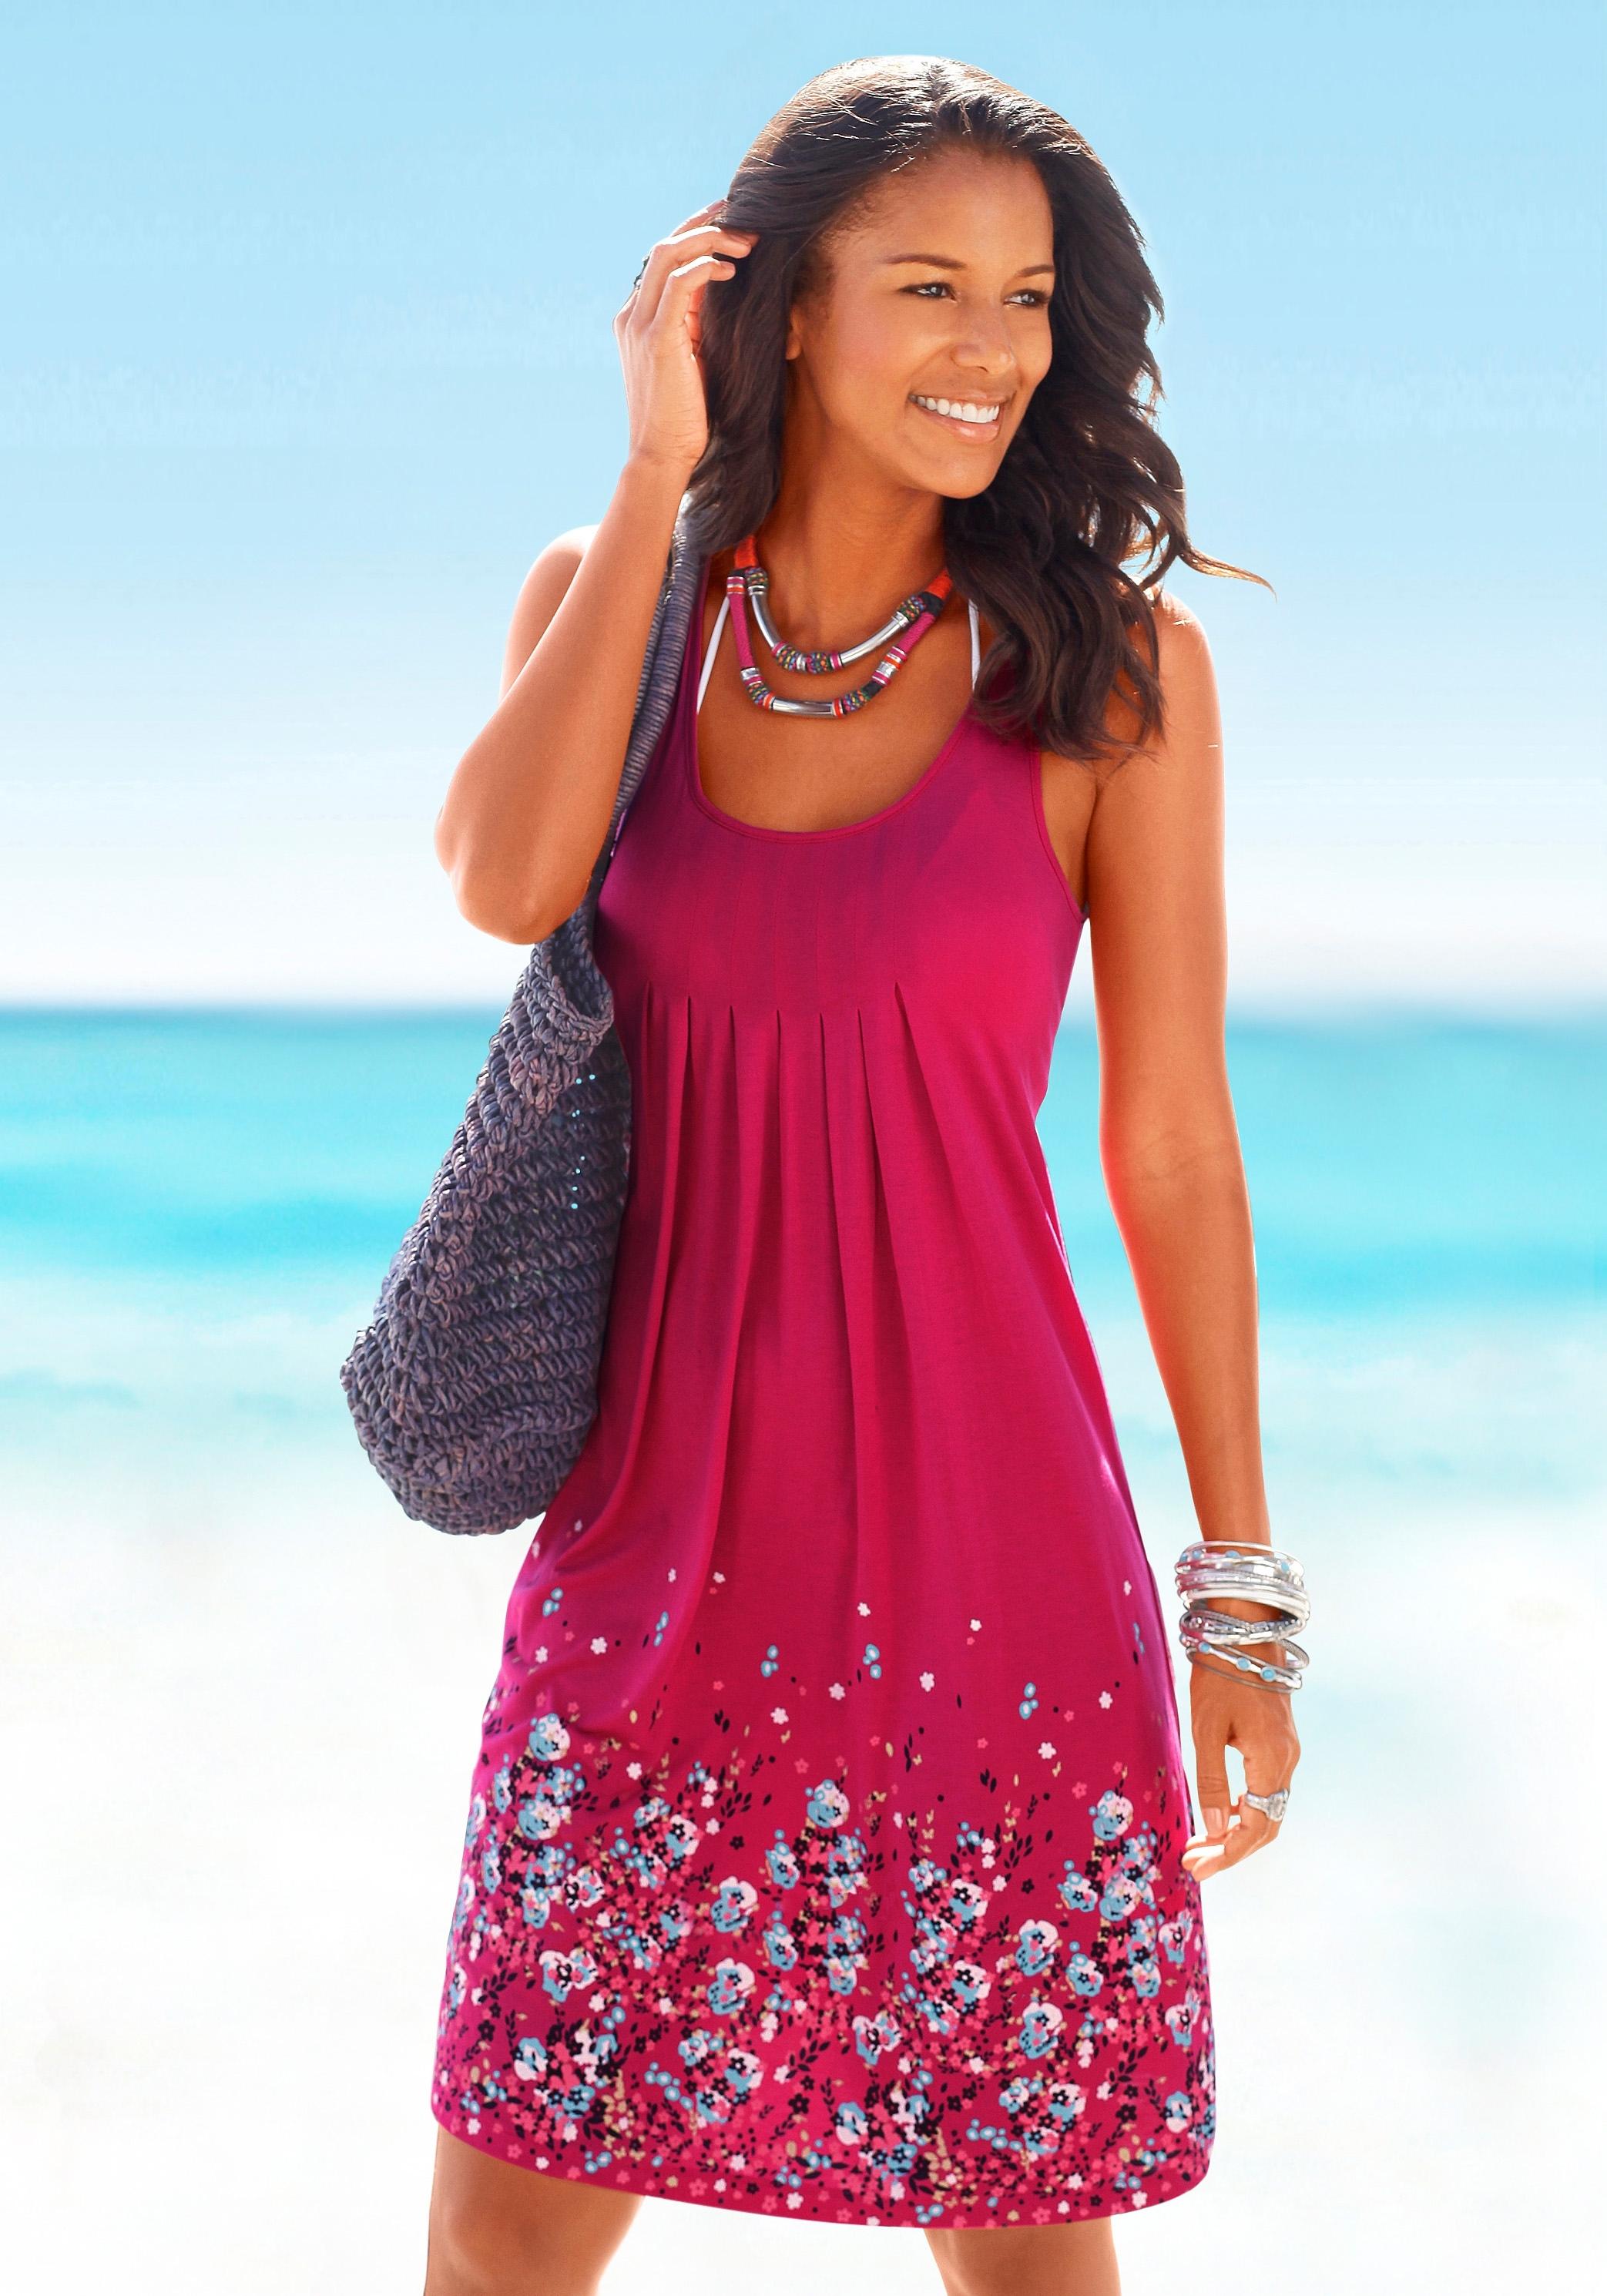 Beachtime strandjurk met bloemenprint voordelig en veilig online kopen